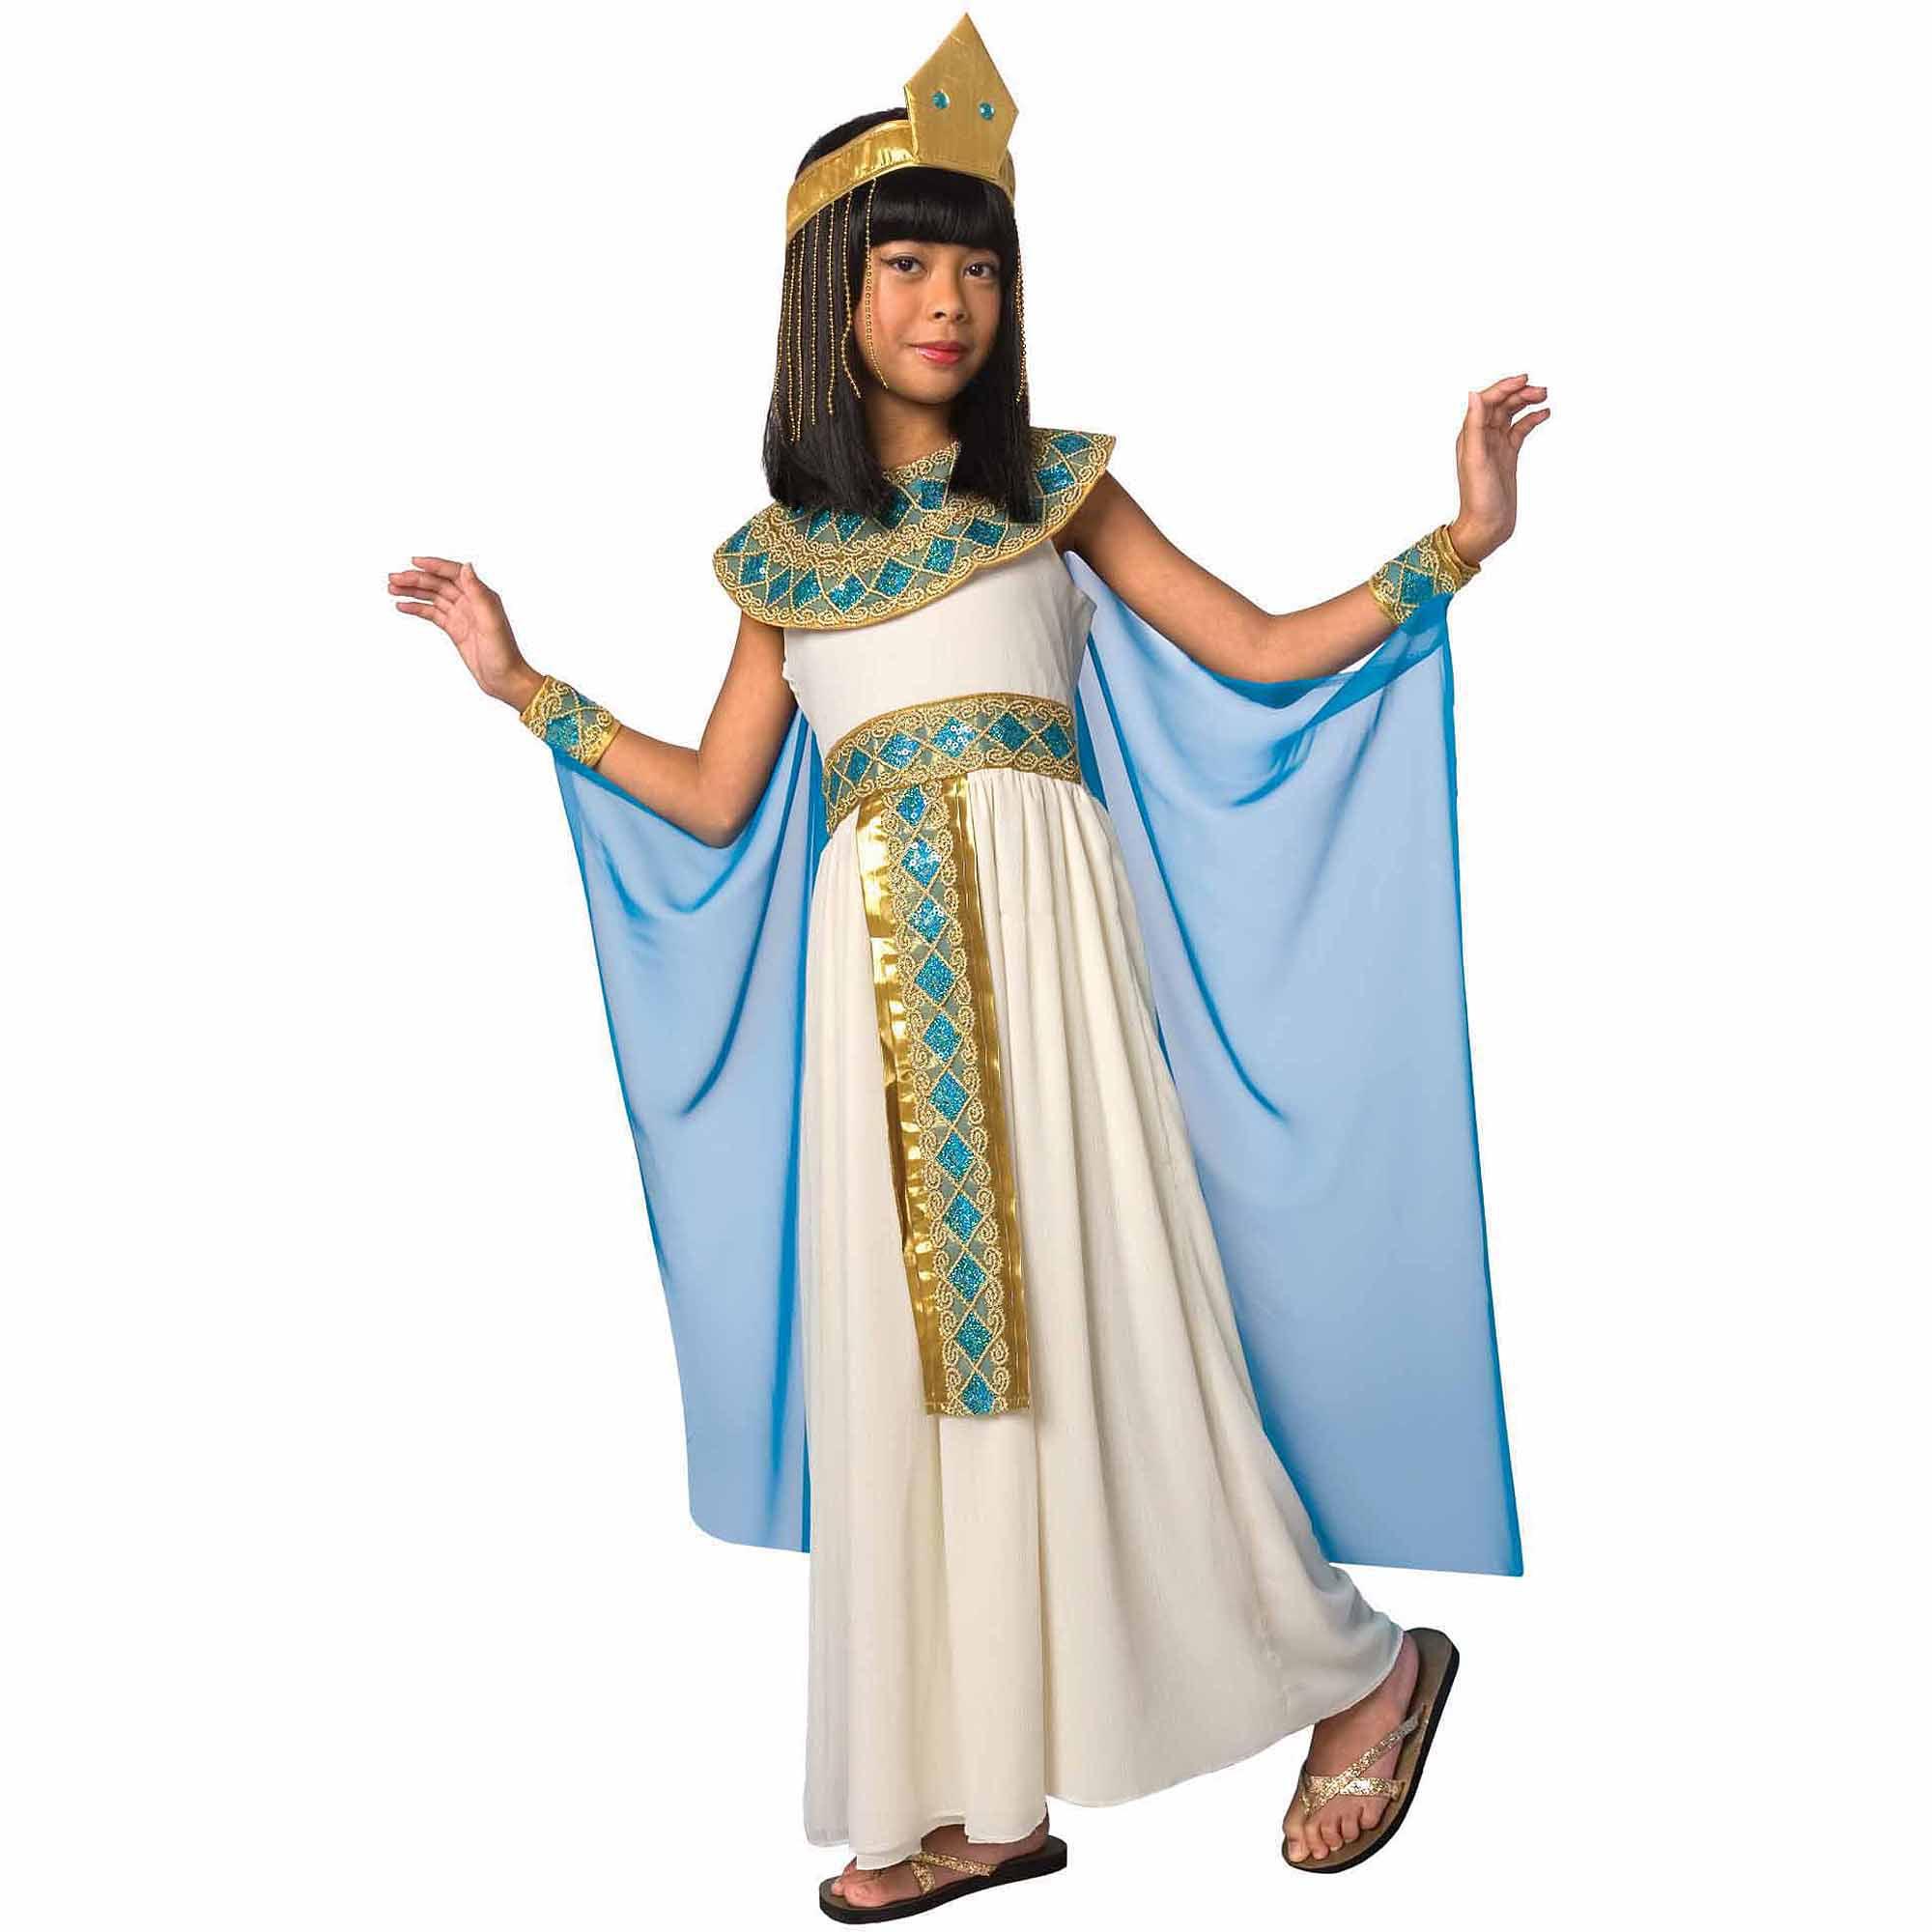 cleopatra deluxe child halloween costume walmartcom - Walmart Costumes Halloween Kids